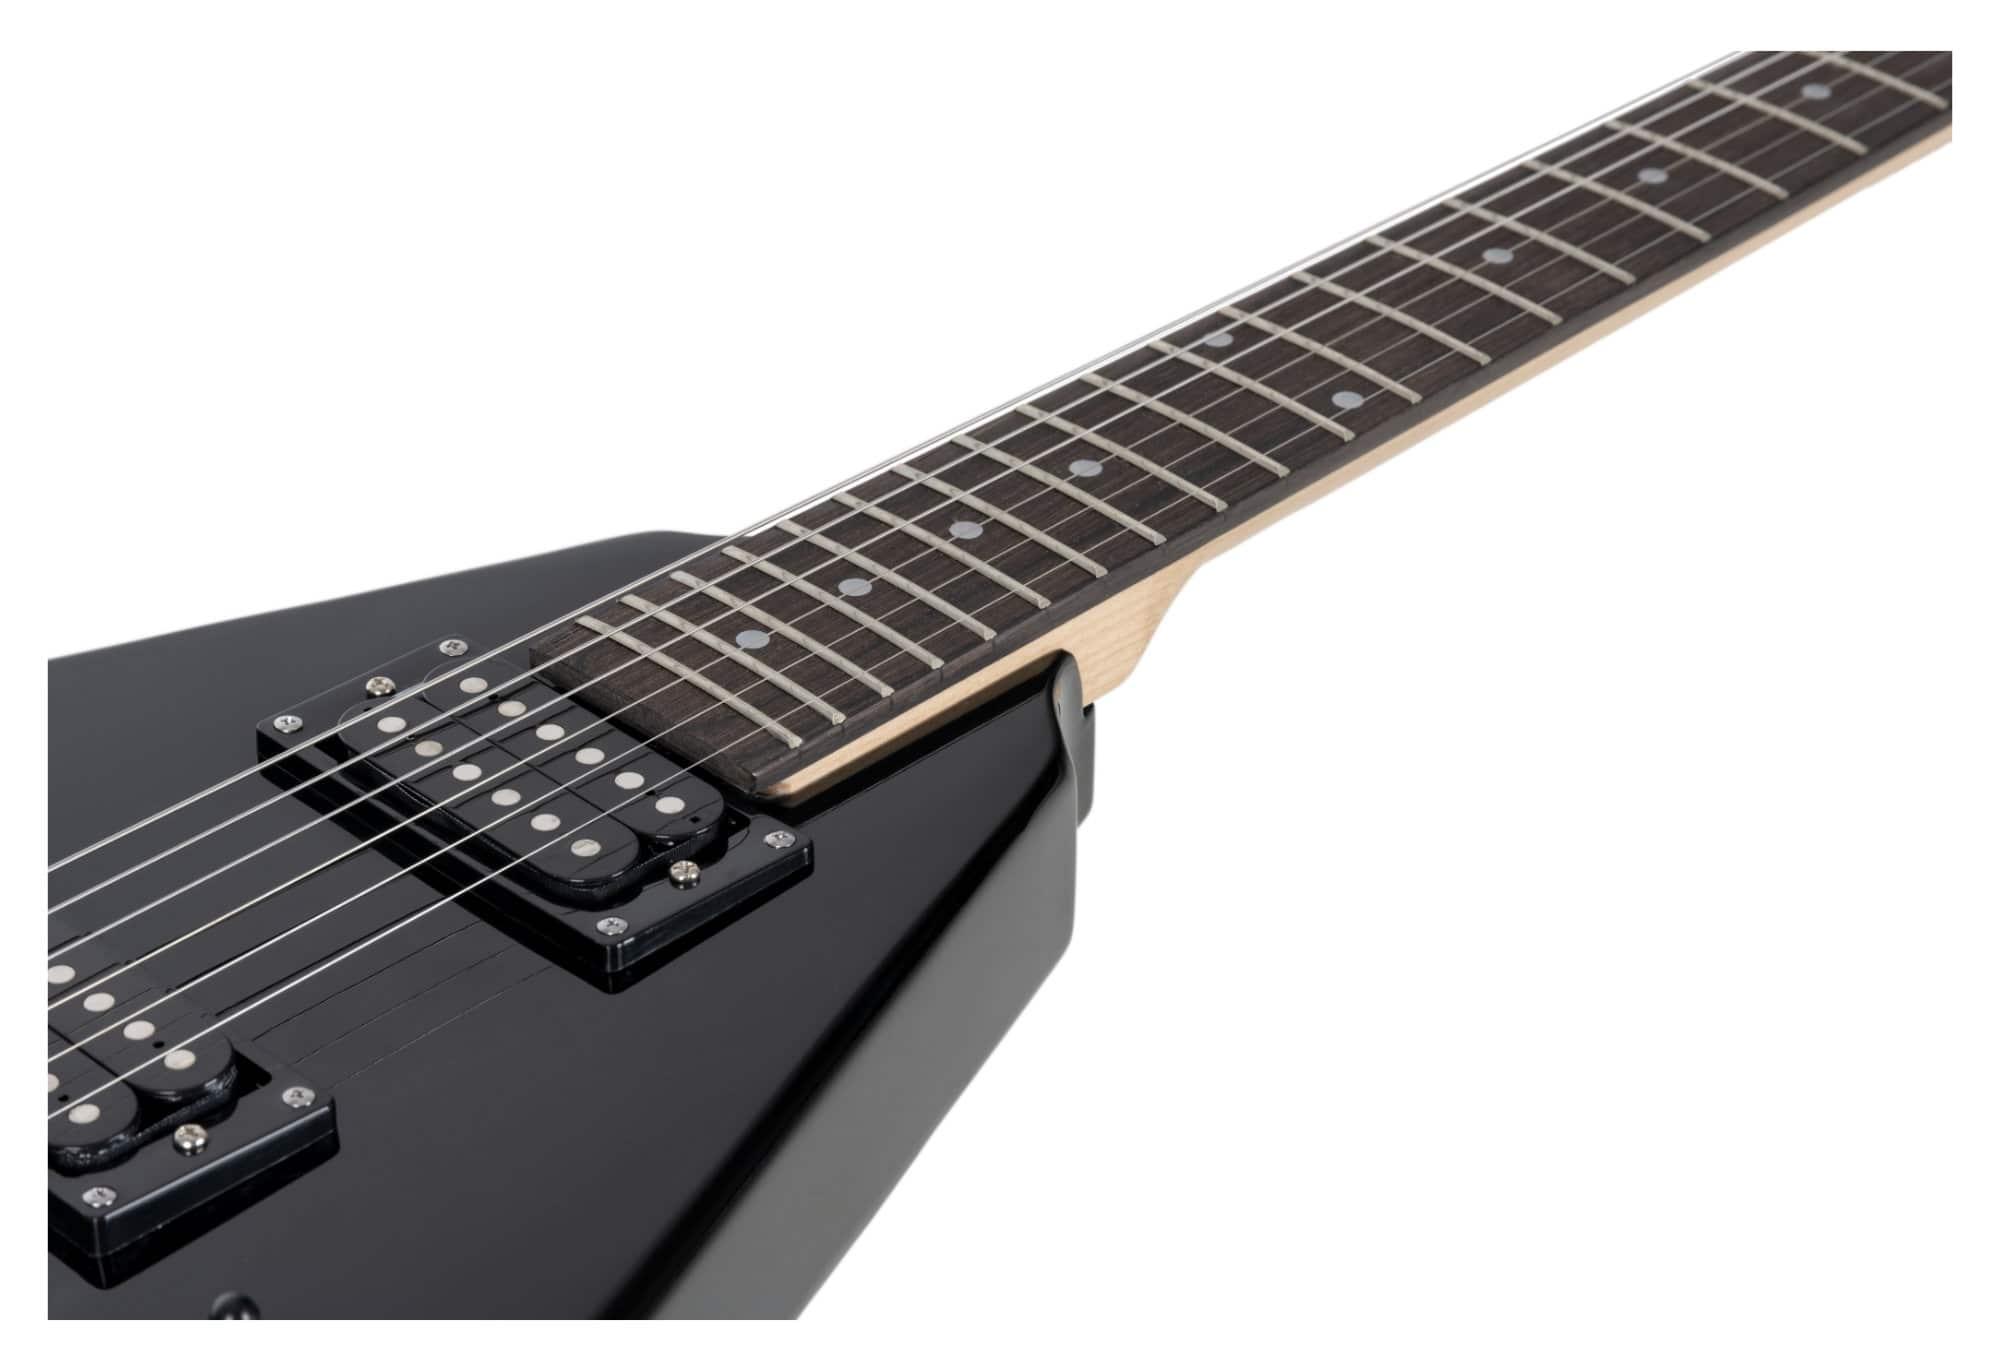 rocktile blade mg 3013 electric guitar. Black Bedroom Furniture Sets. Home Design Ideas